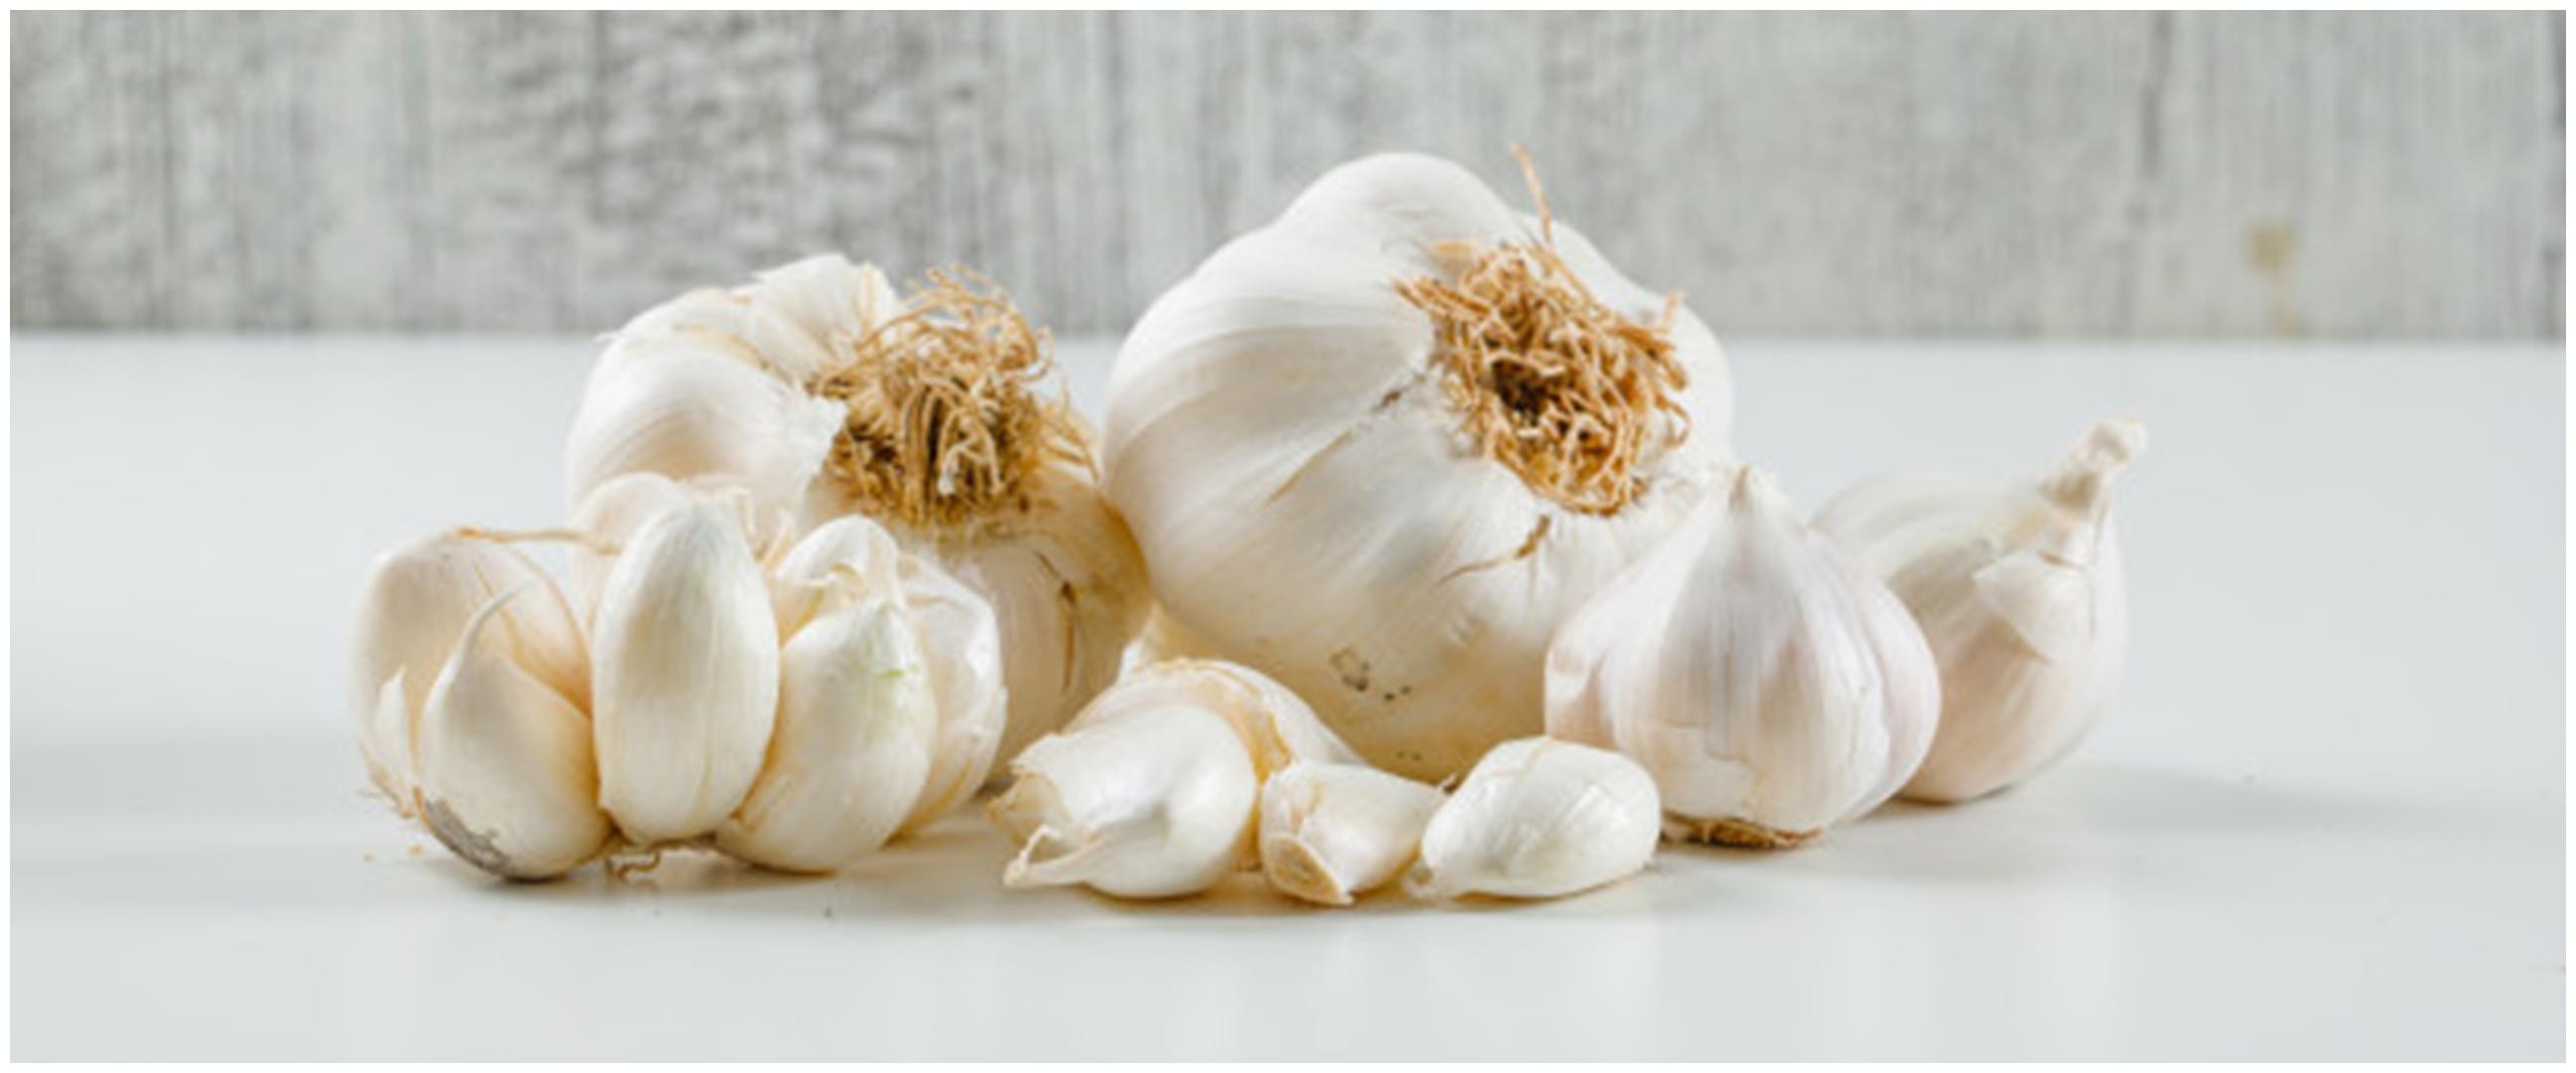 6 Manfaat mengonsumsi bawang putih mentah dan cara hilangkan baunya